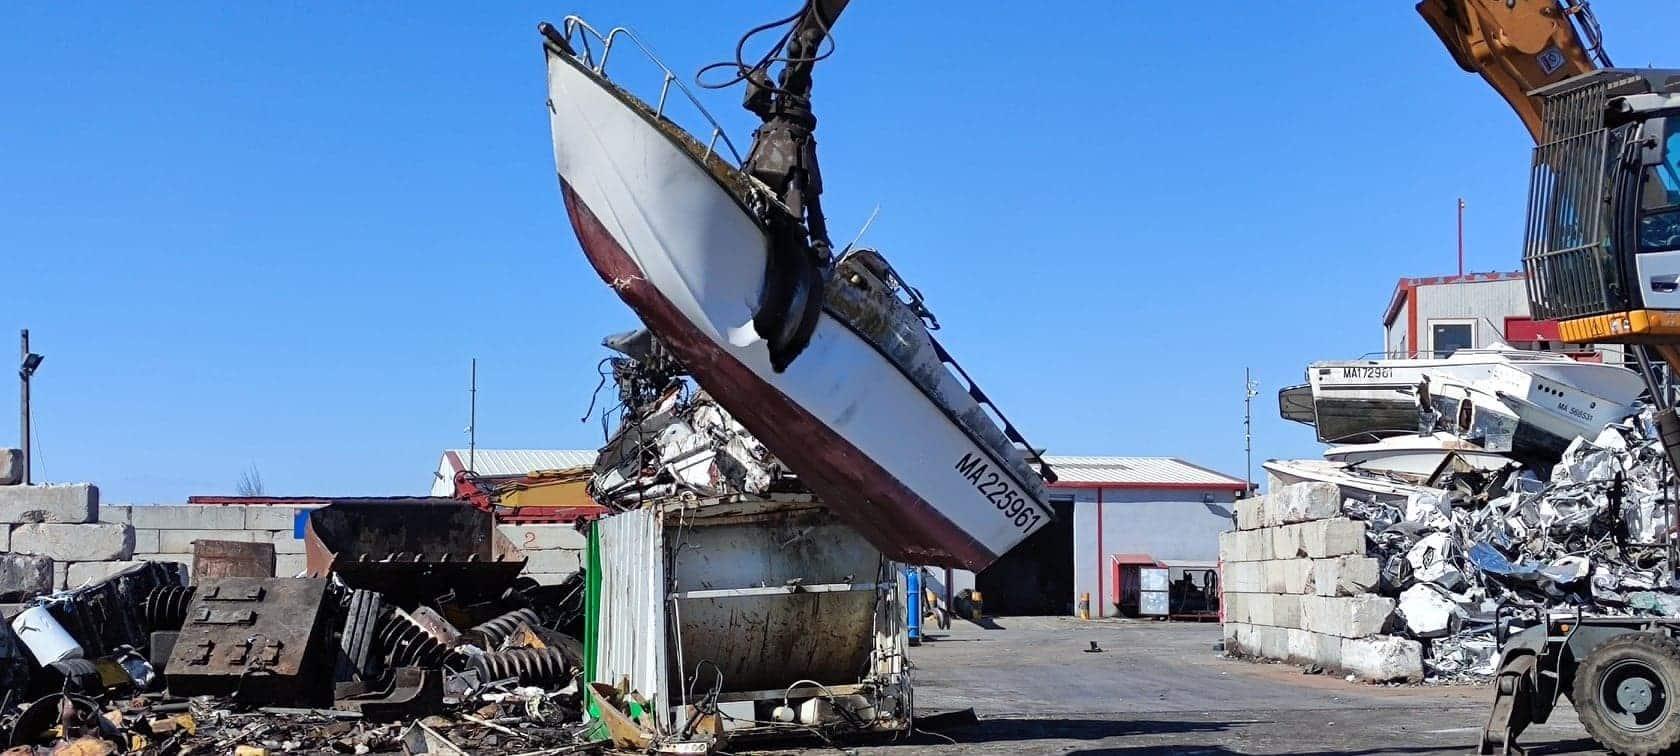 Destruction de bateau